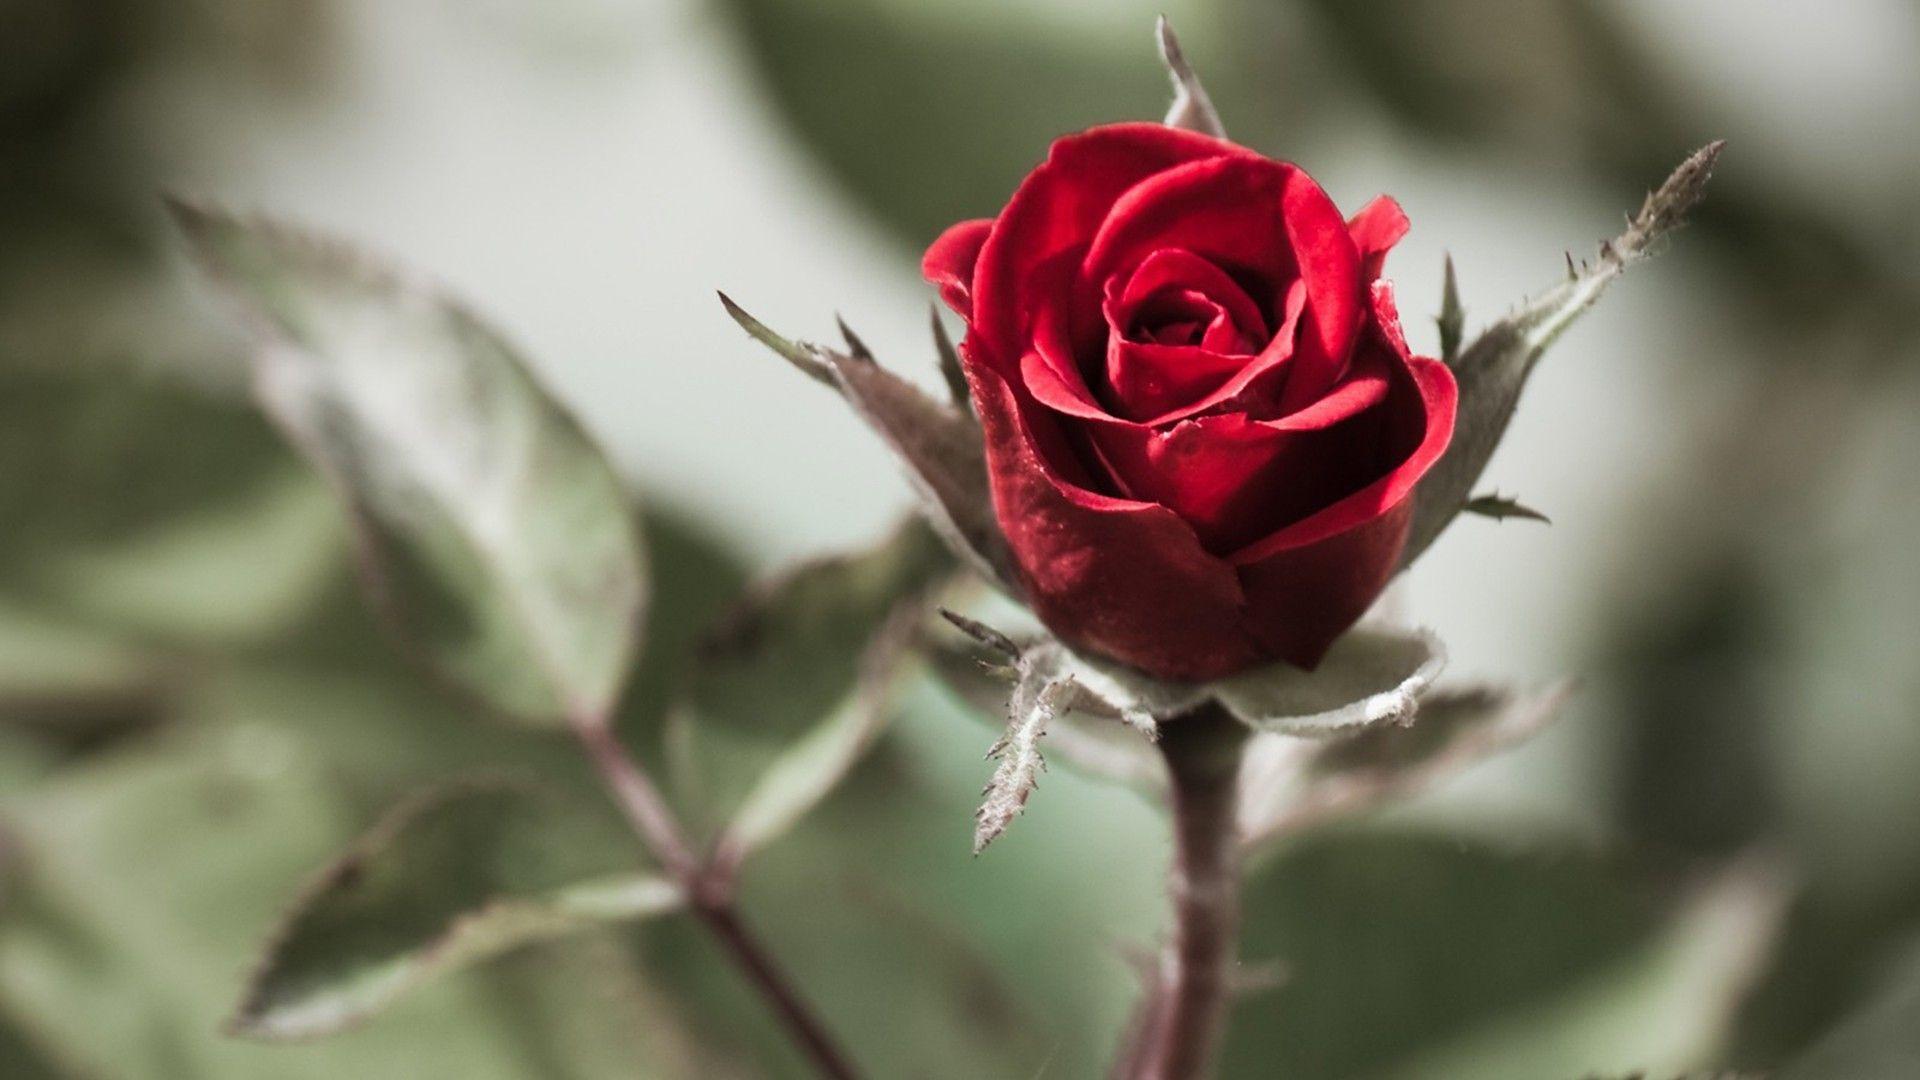 Res 1920x1080 Desktop Wallpaper Flowers Rose Nature Wallpaper Rose Rose Flower Wallpaper Red Rose Images Hd